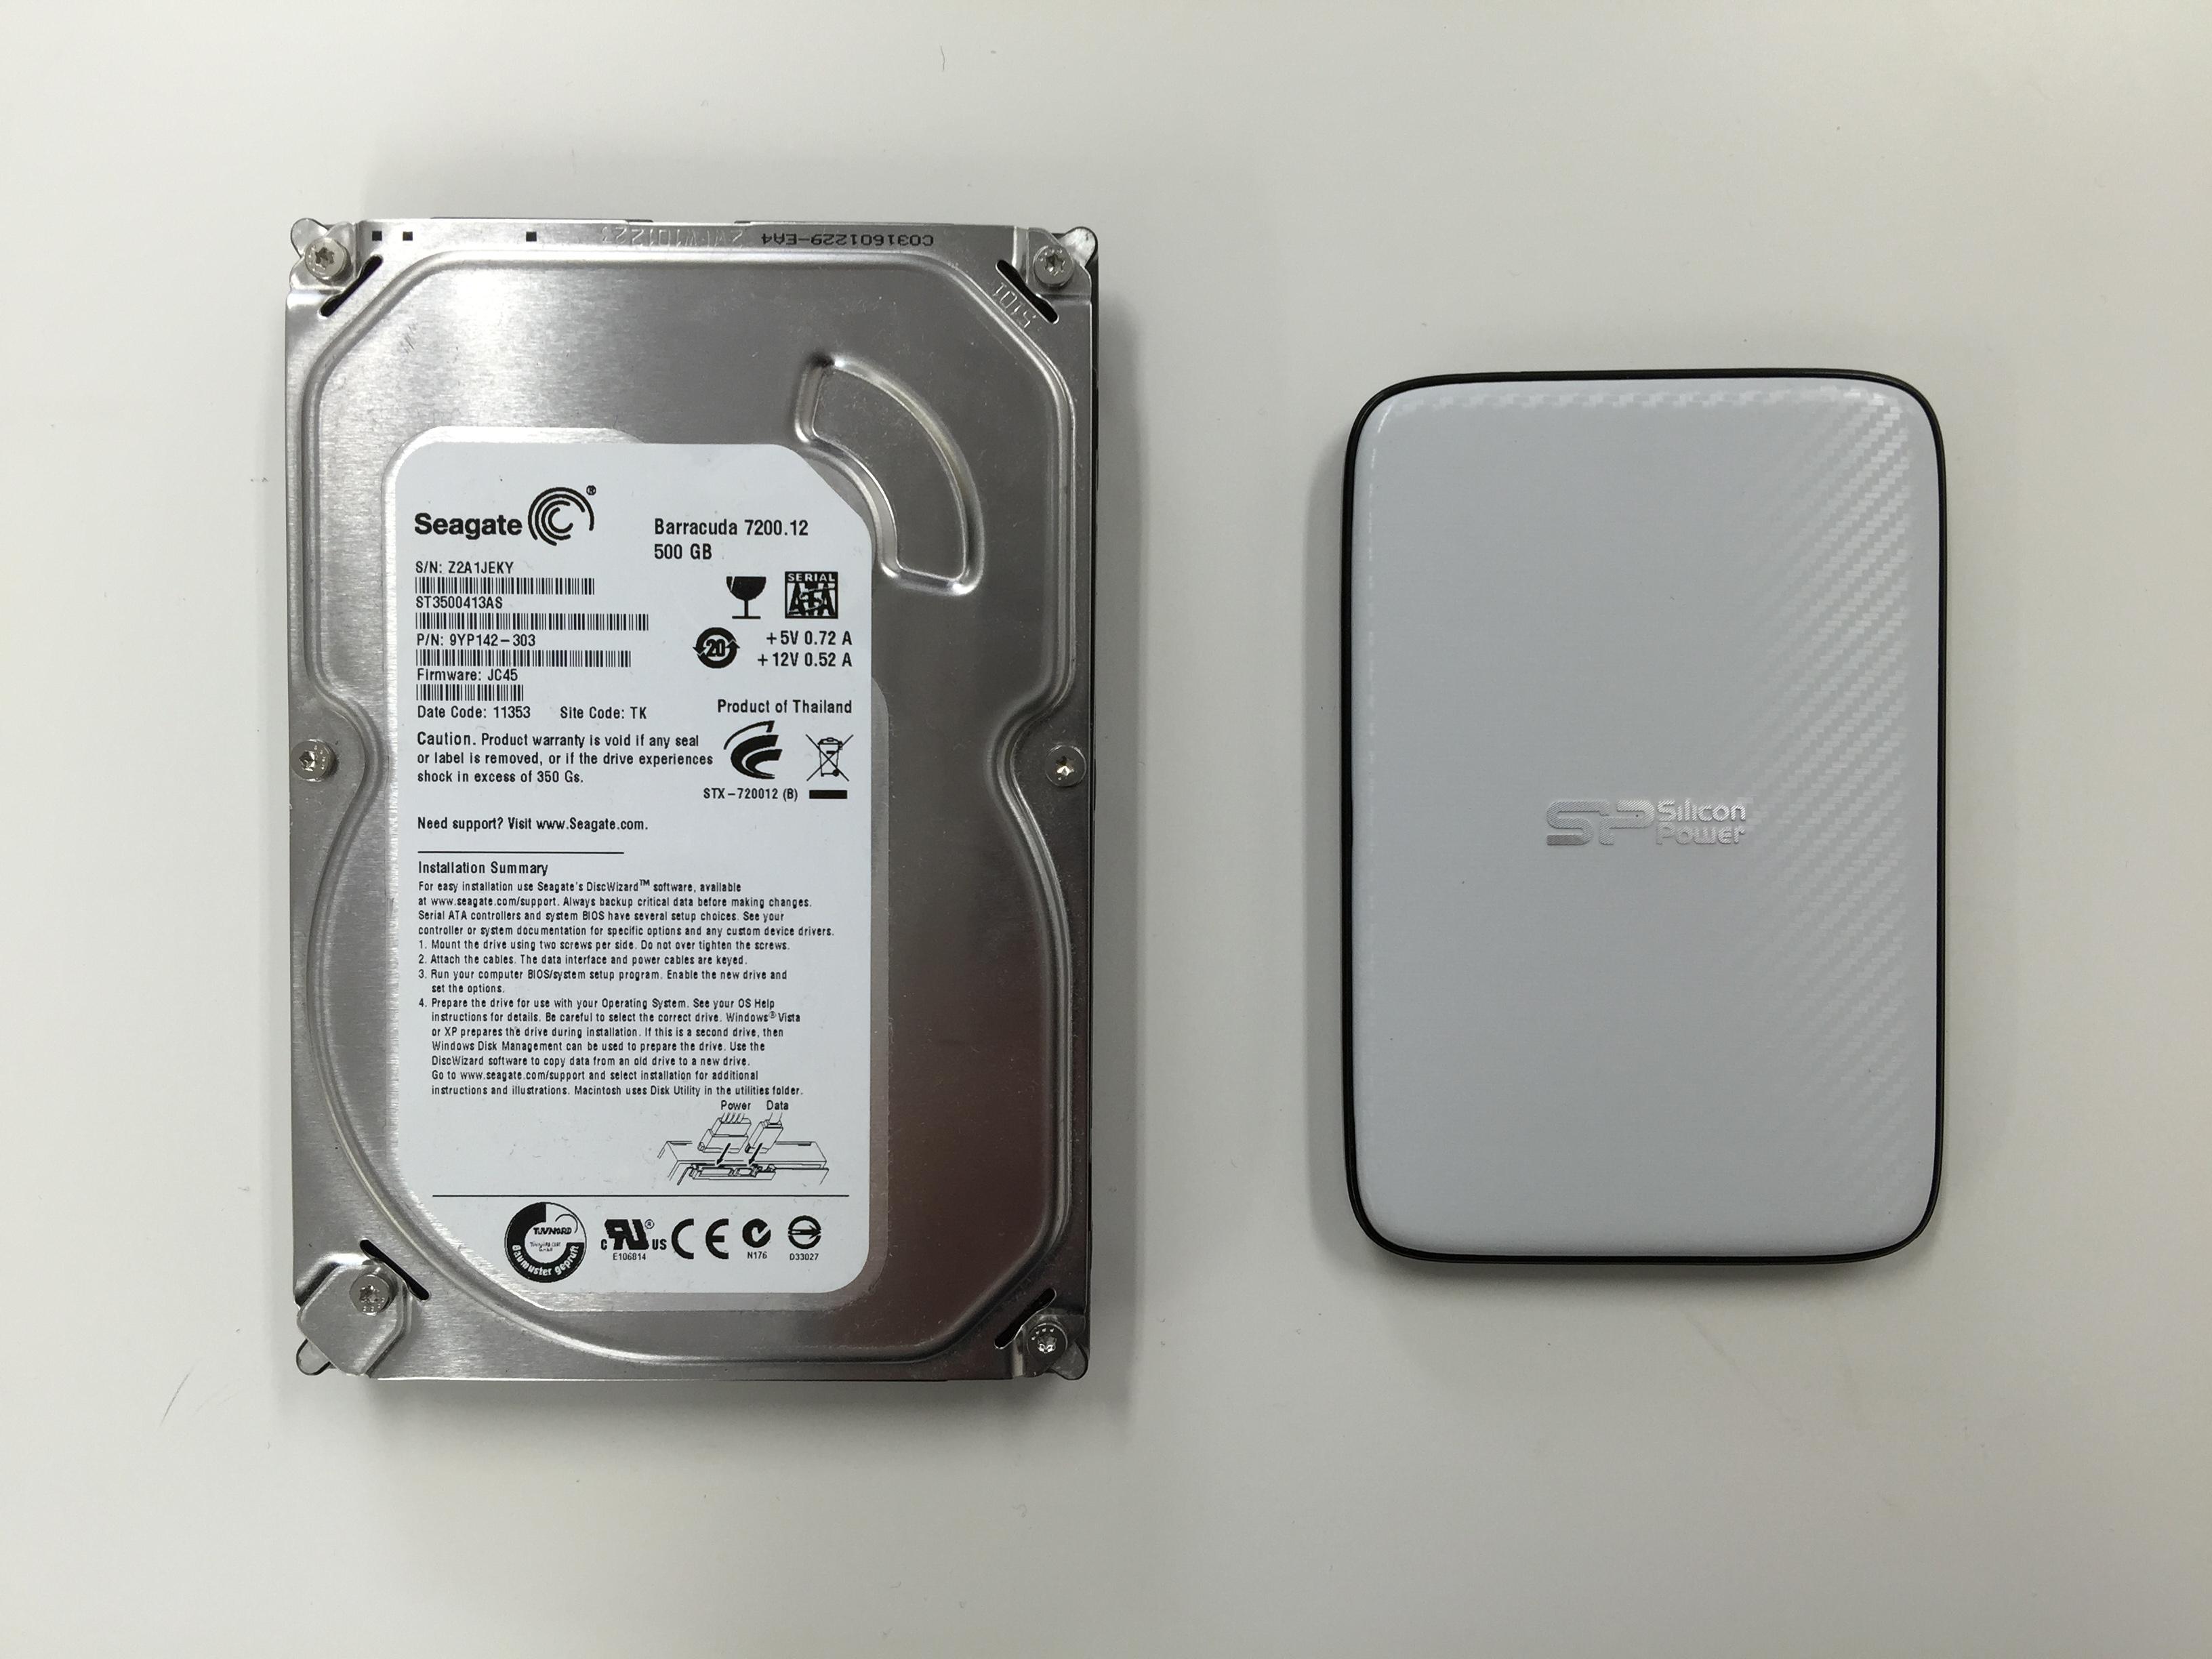 カテゴリーアーカイブ: データ復旧PC Fixsはセコムの警備体制を導入しましたバッファロー データ復旧NEC 起動が遅い HDD物理故障 データ復旧。ドスパラBTO HDD故障 データ復旧・移行SONY USBメモリ データ復旧記事のナビゲーション